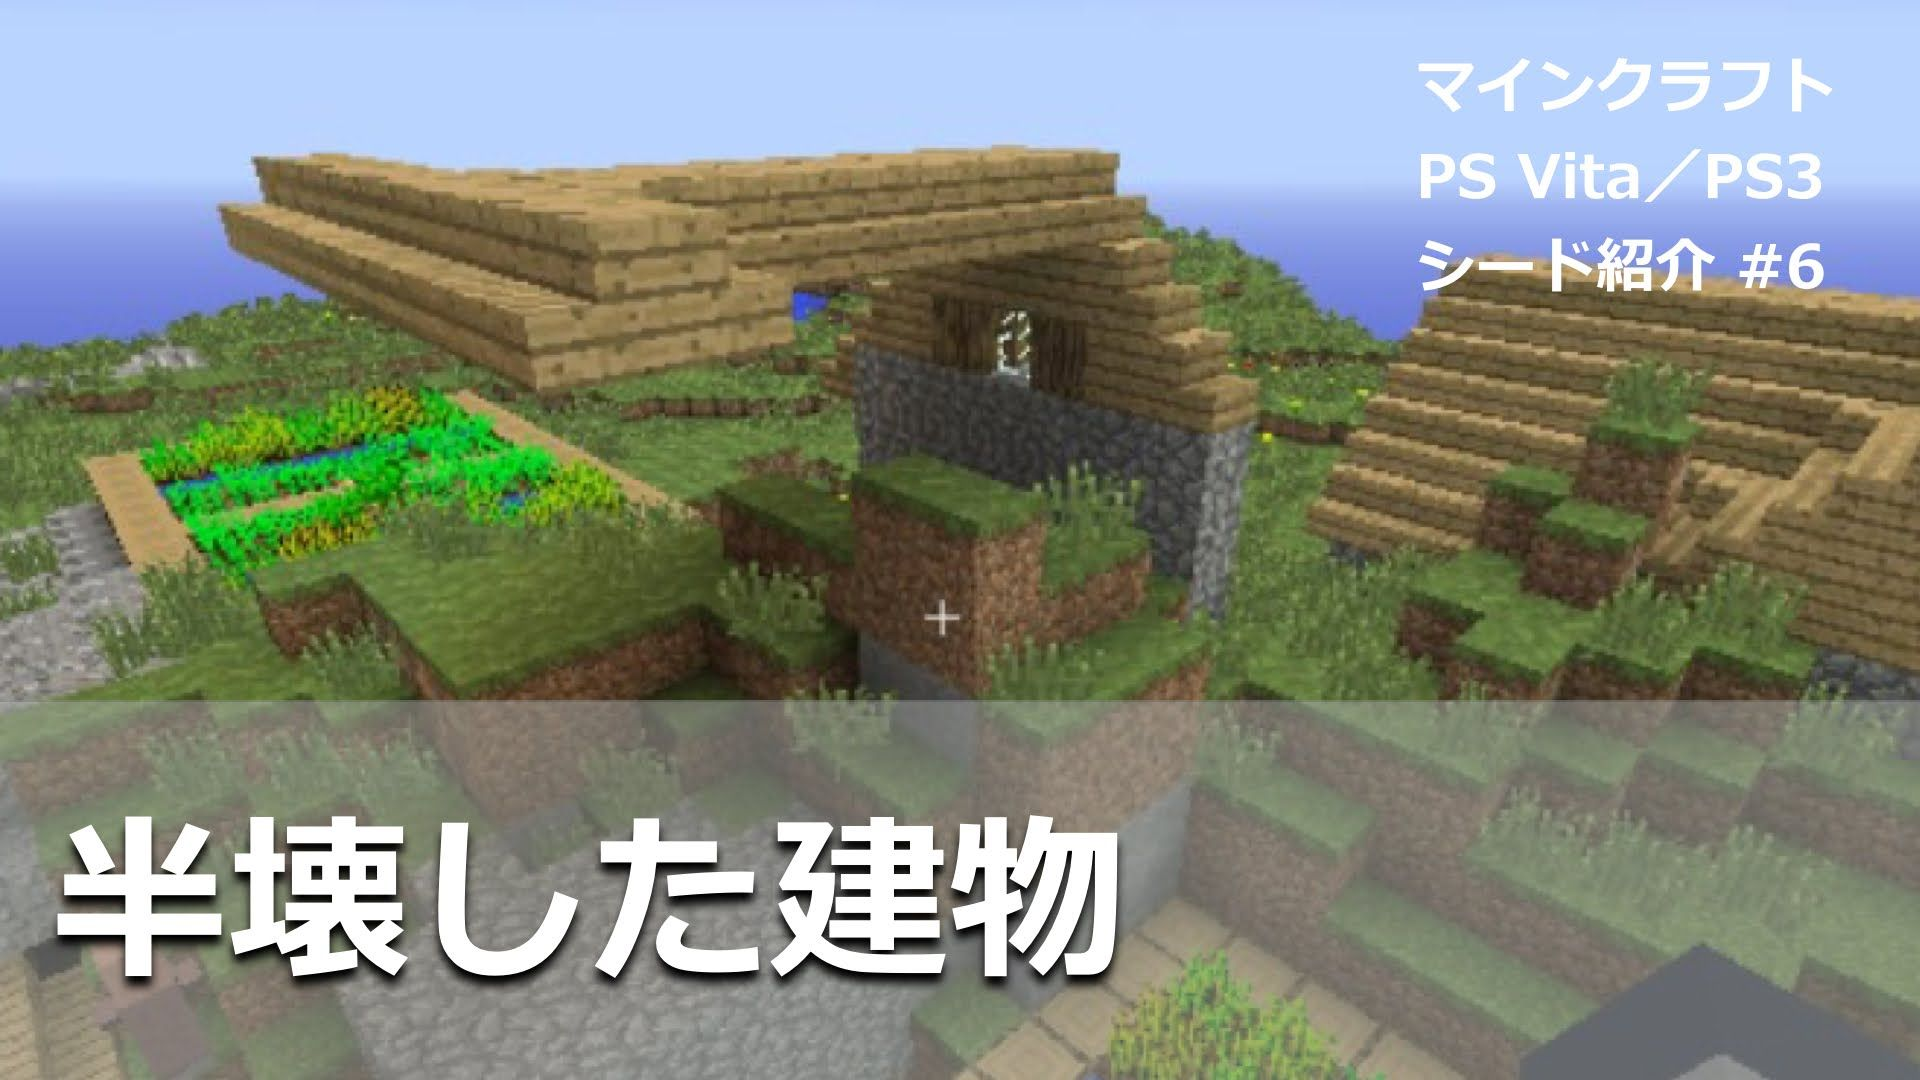 マインクラフト Ps Vita Ps3 おすすめ シード 6 村は3つ